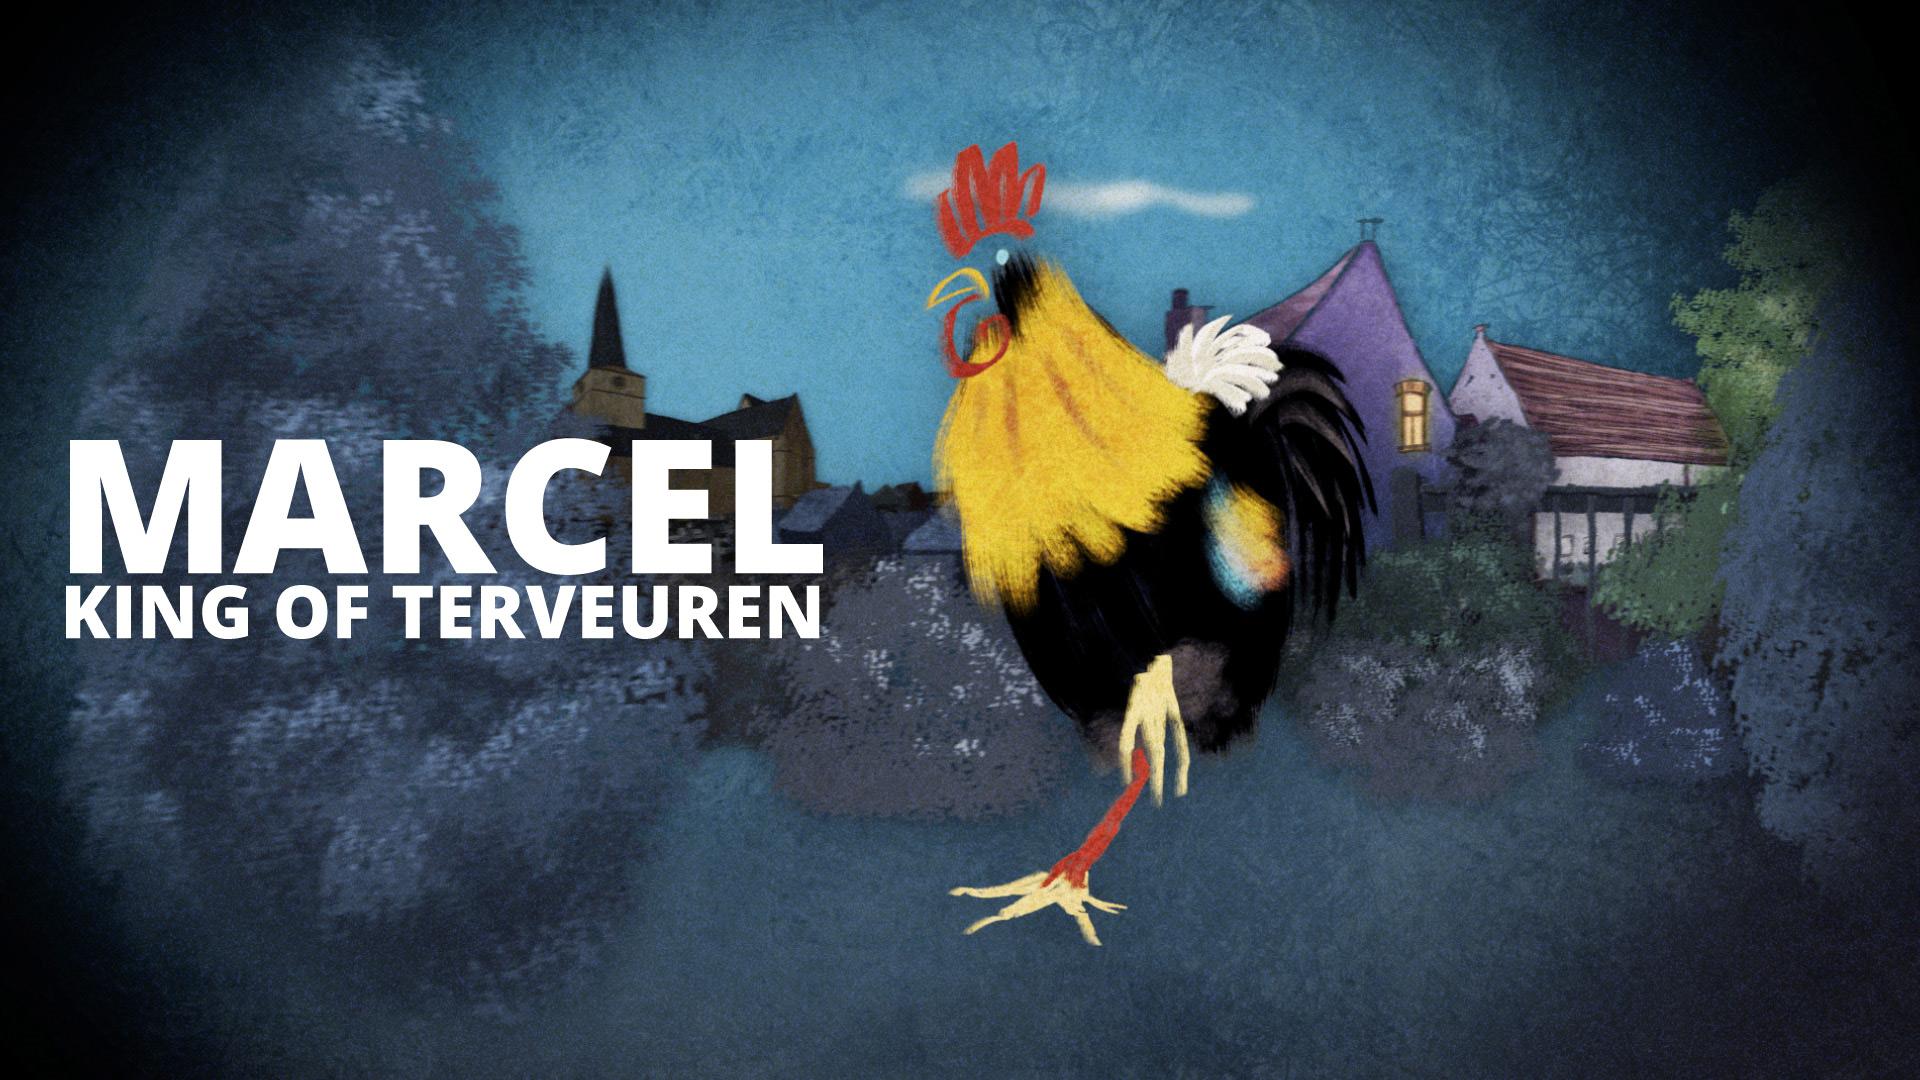 Marcel, King of Terveuren